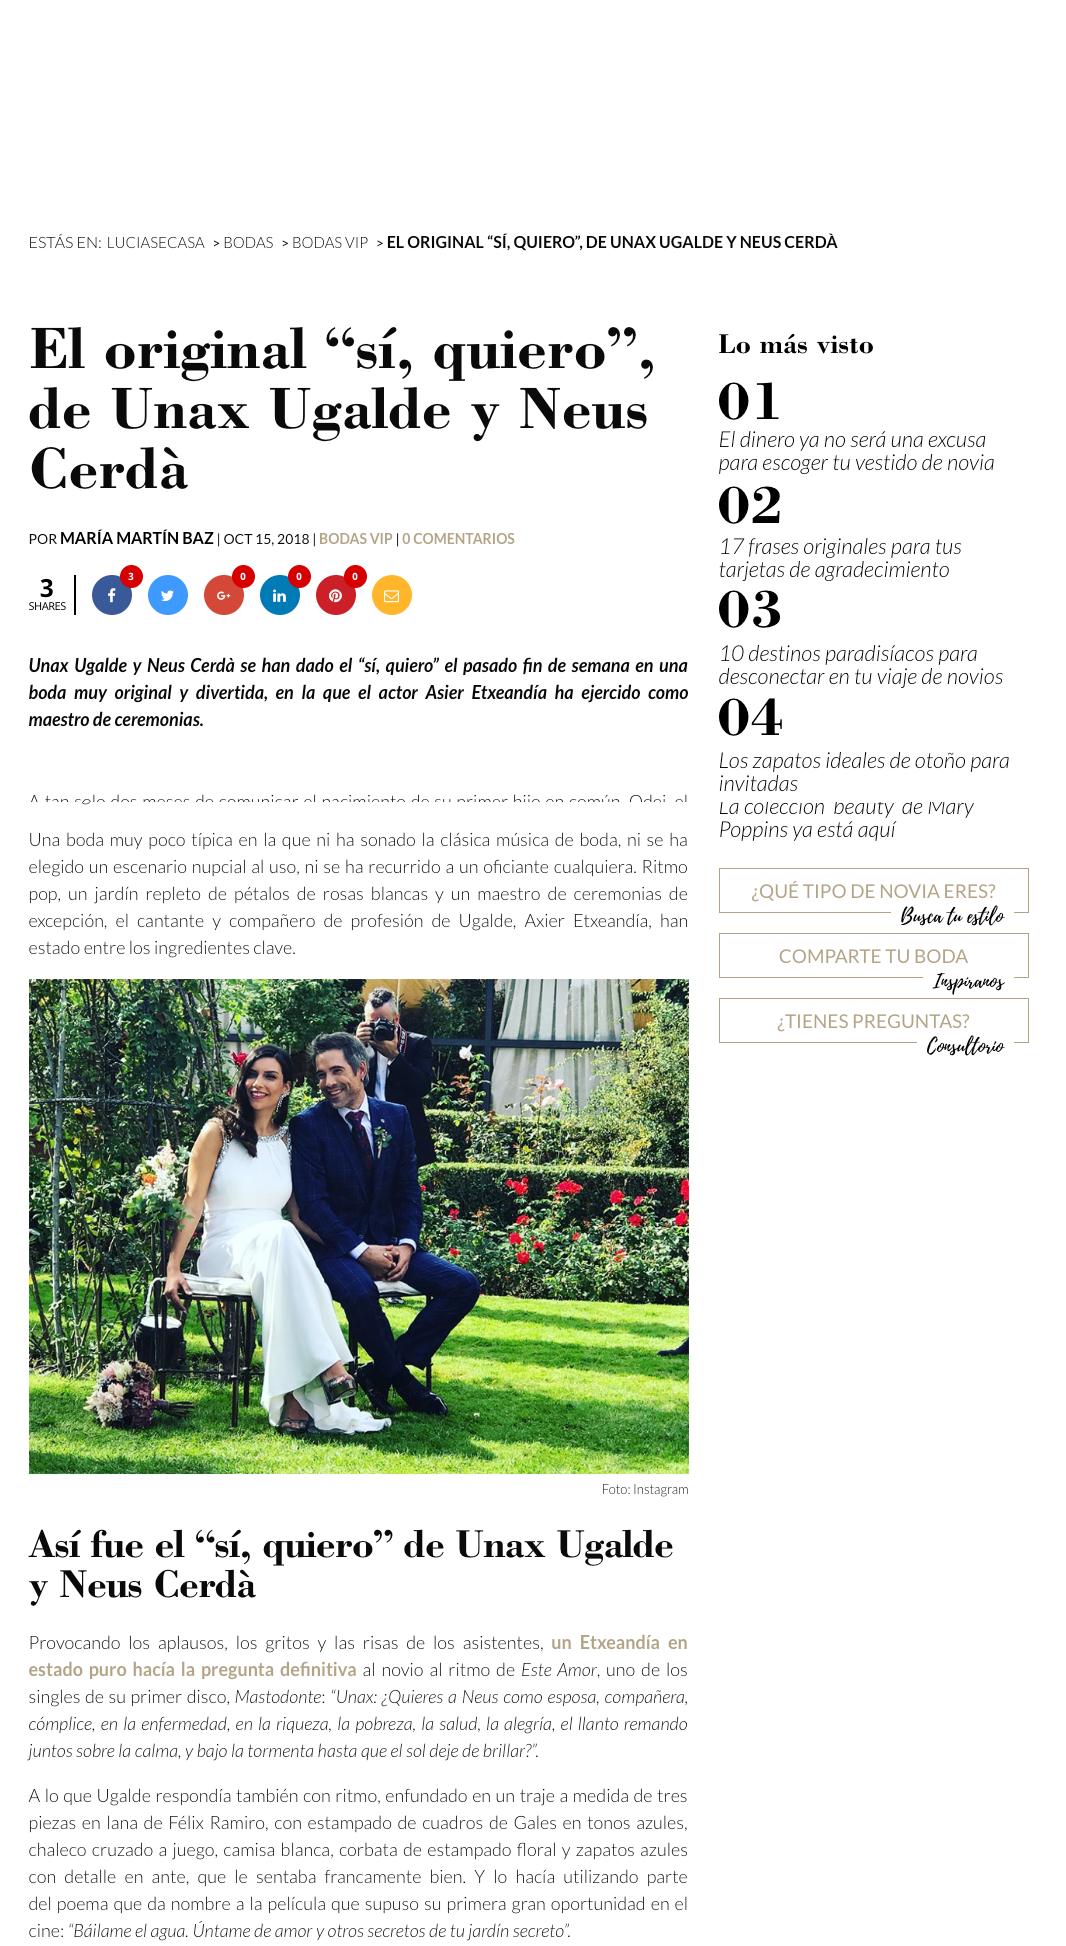 Prensa noticia Lucía Se Casa boda Unax ugalde Félix Ramiro